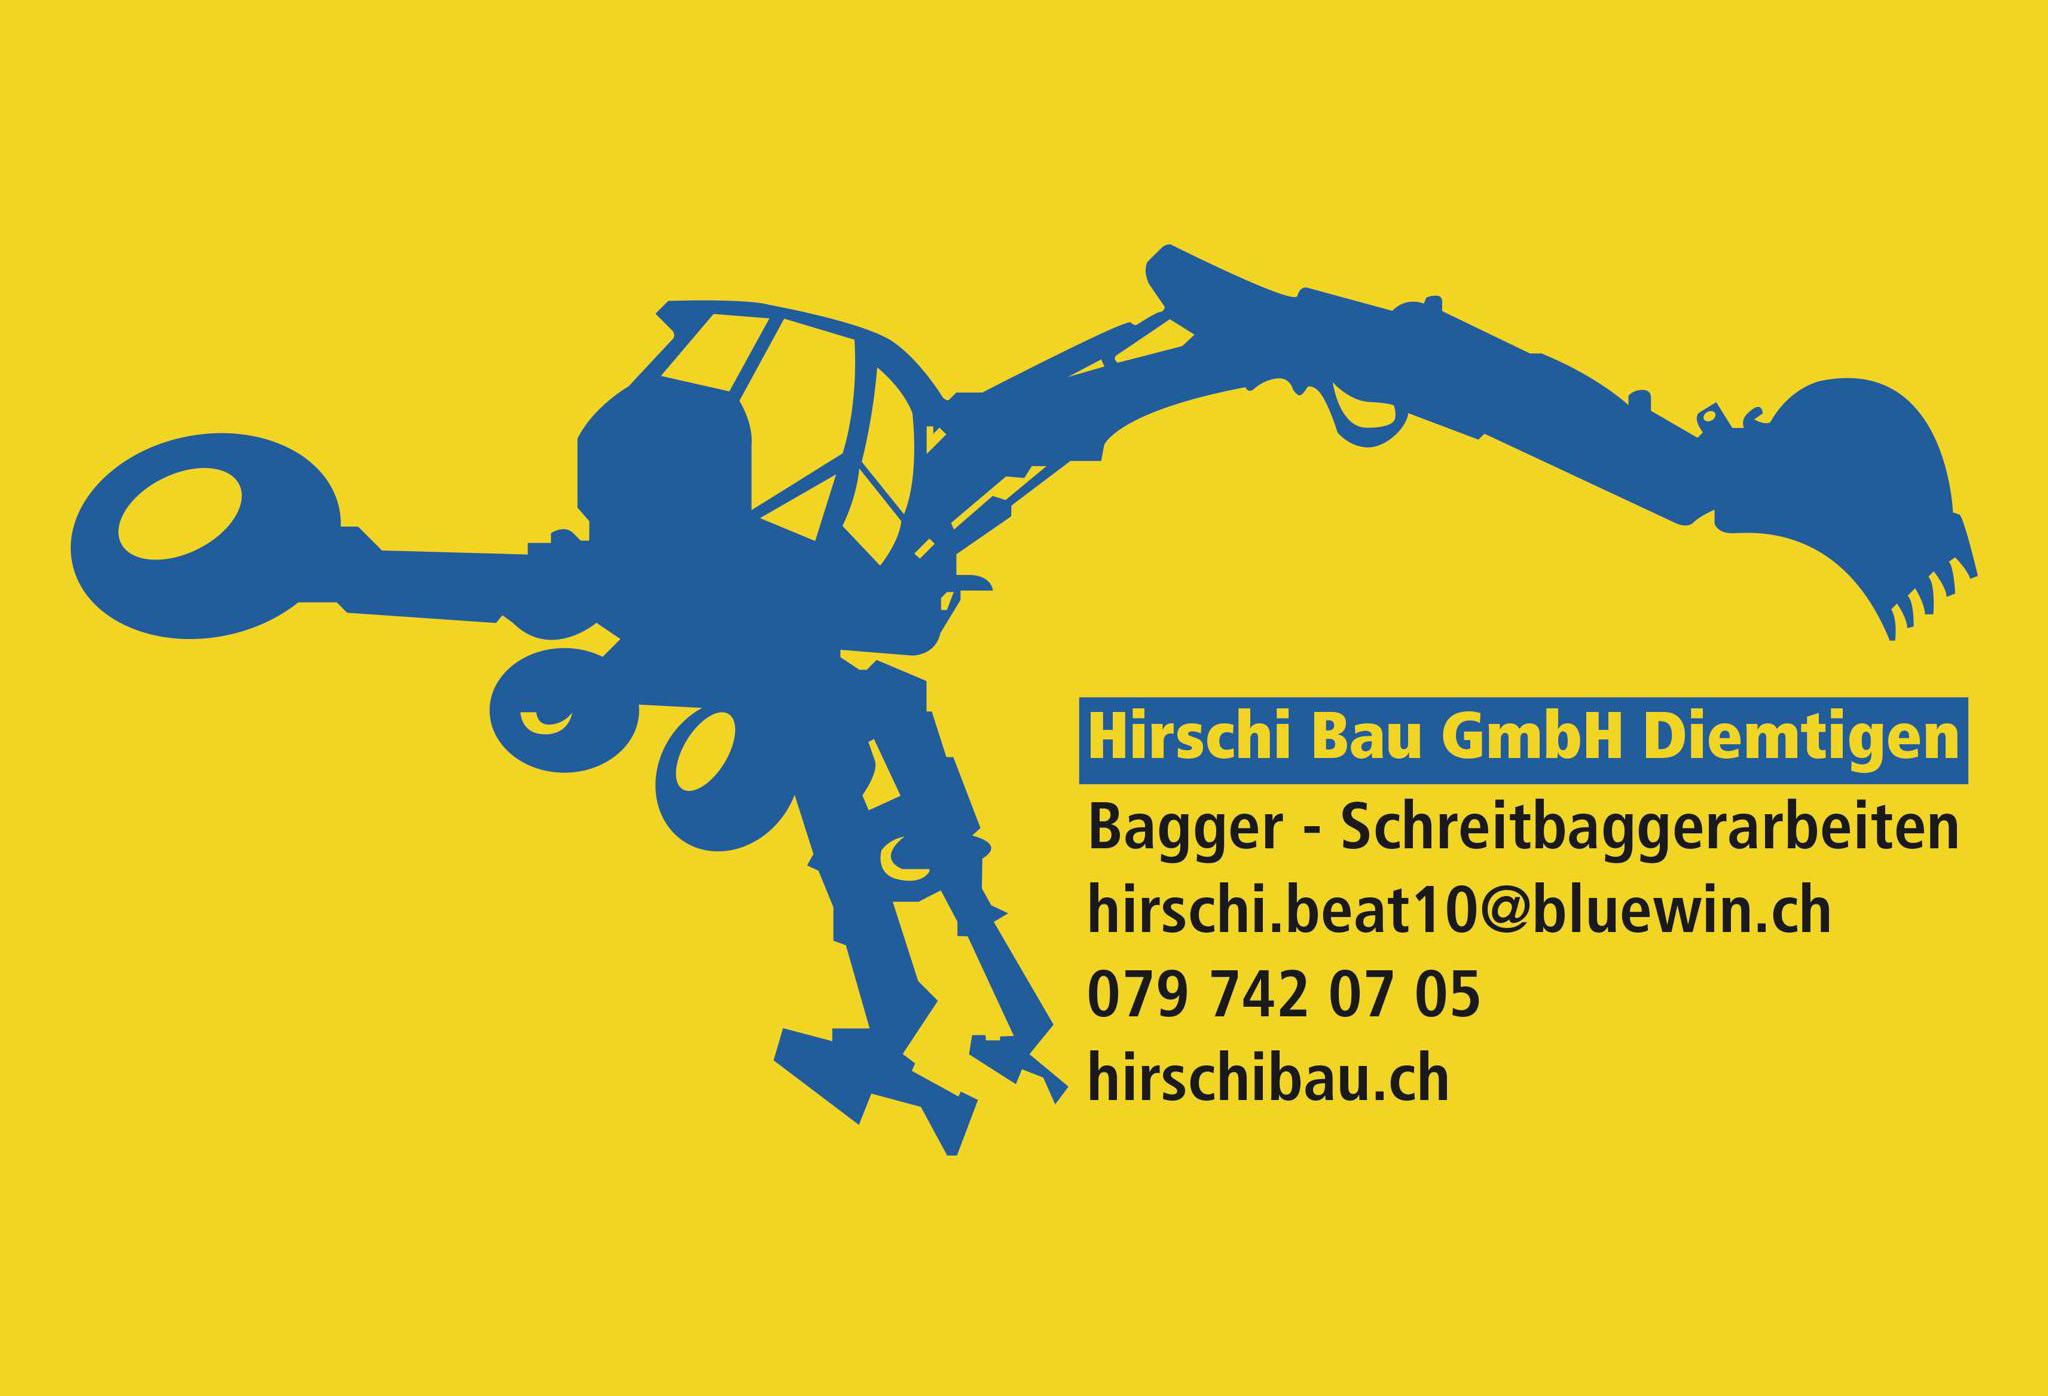 Logo Hirschi Bau Gmbh